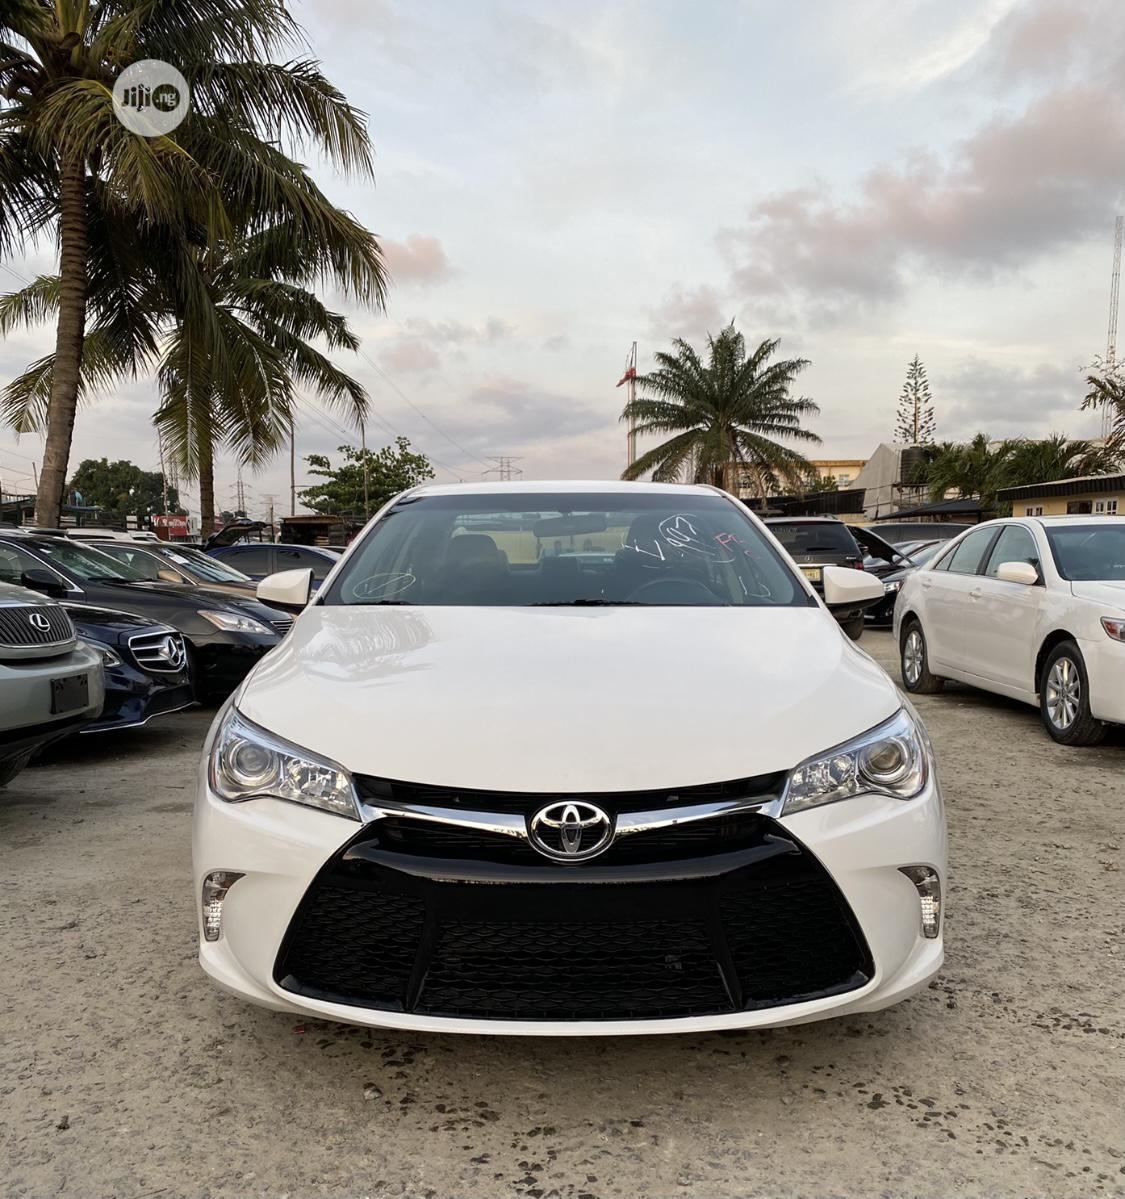 Toyota Camry 2017 White